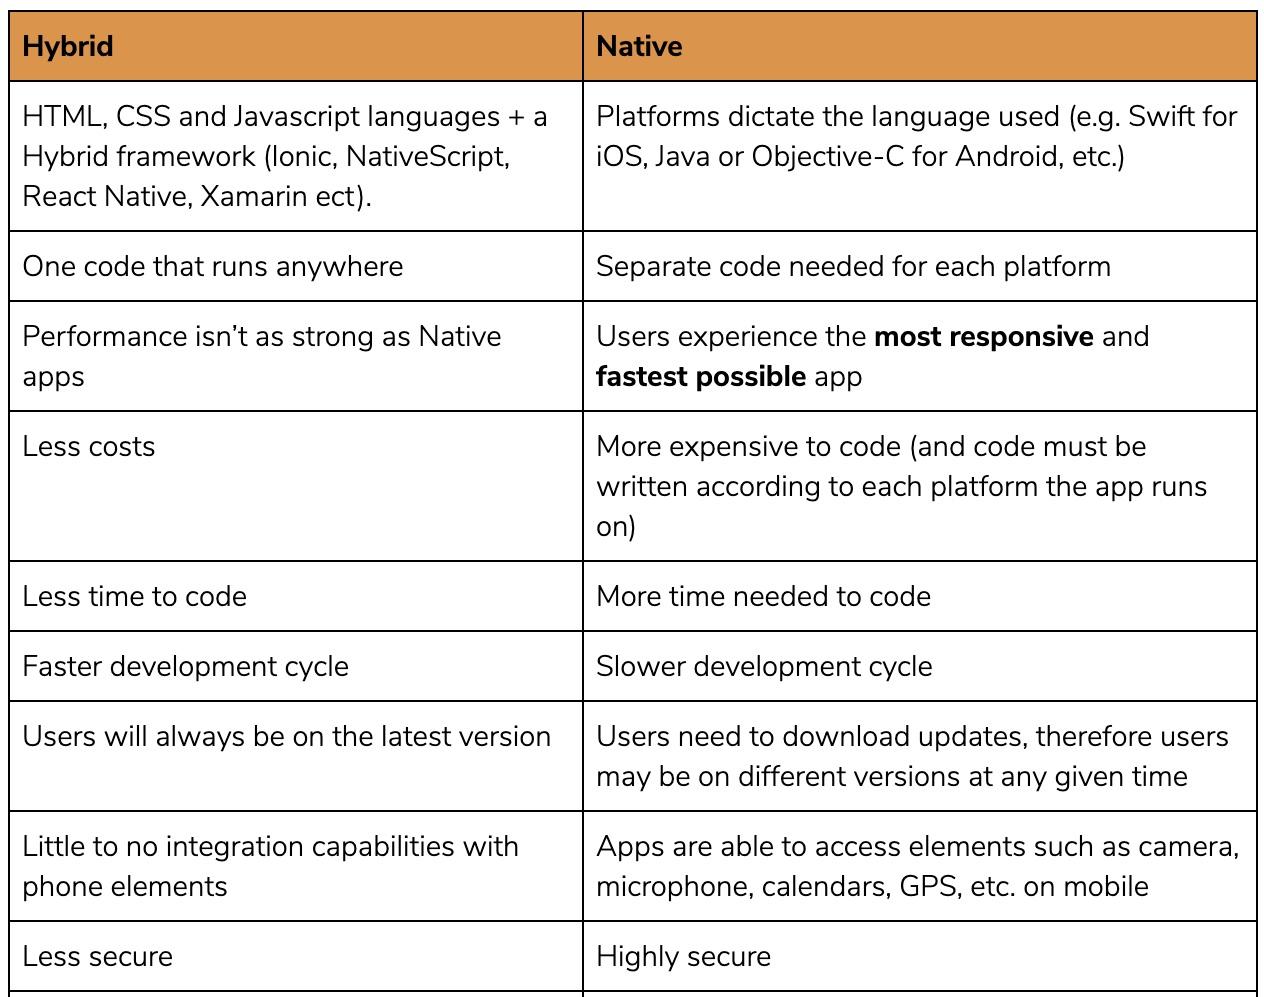 Hybrid vs Native Apps